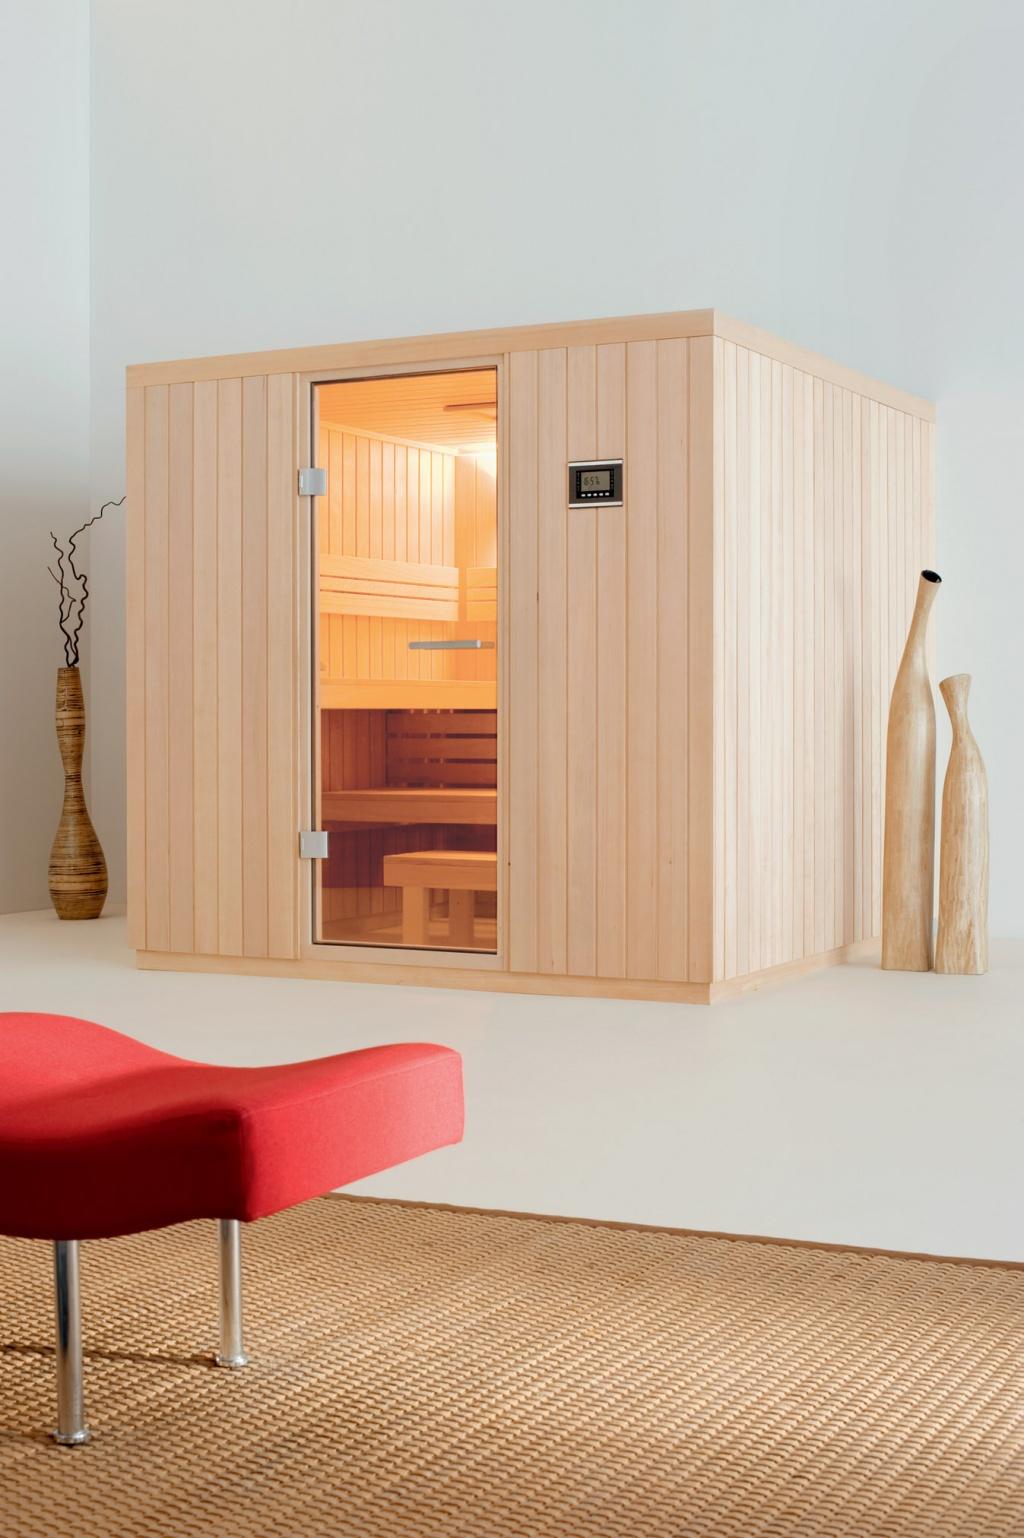 Sauna casual versatilidad y confort freixanet wellness - Productos para sauna ...